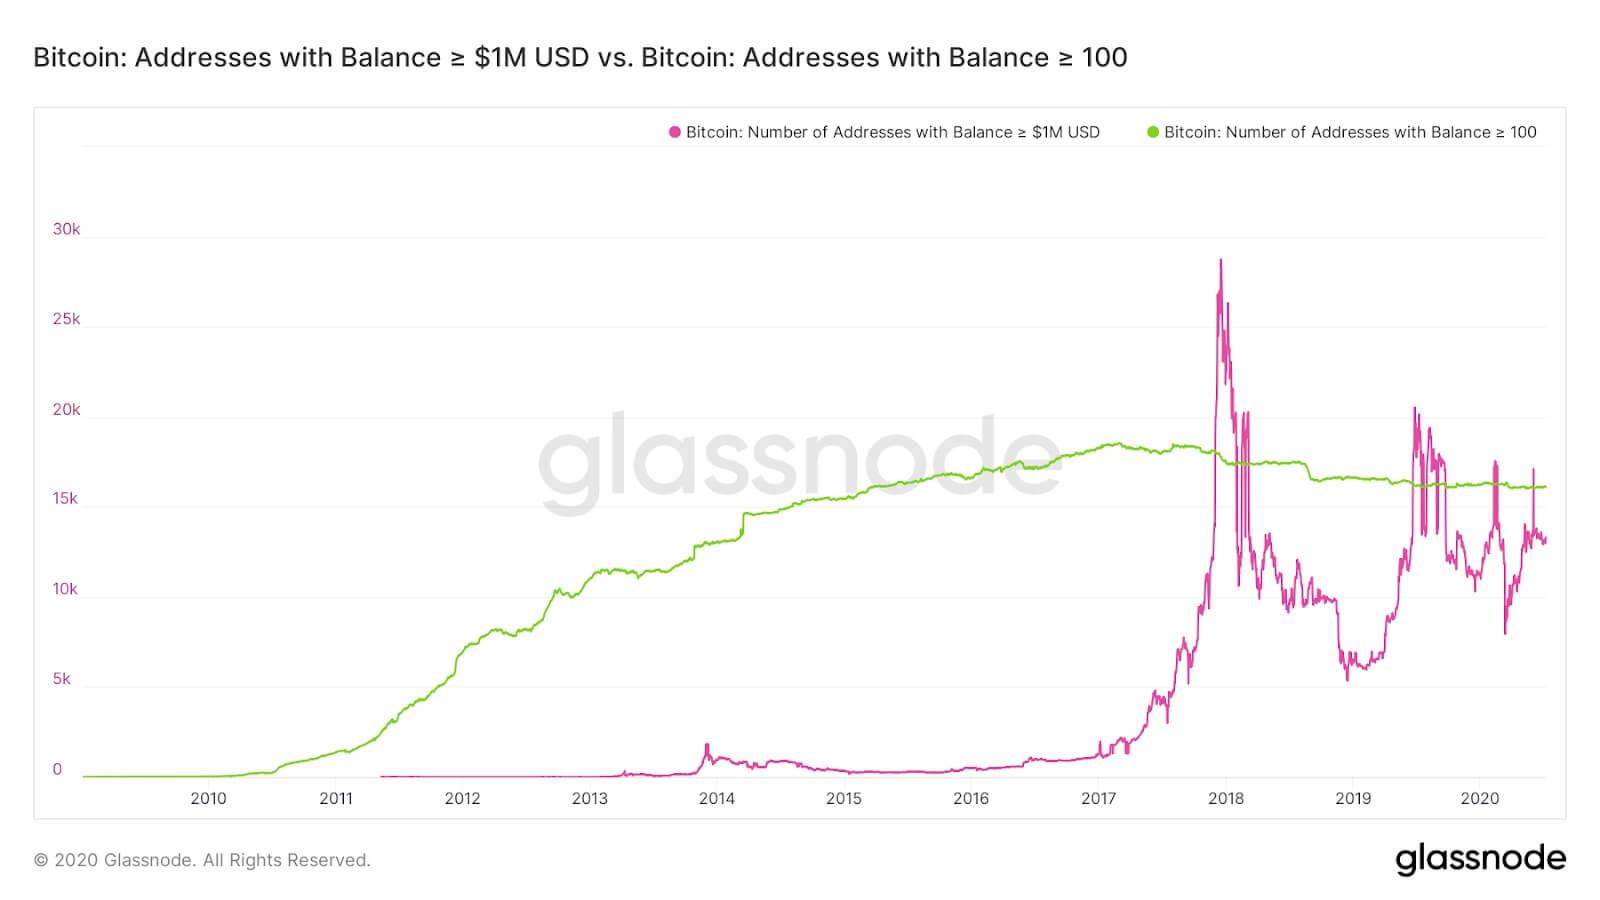 En Az 1 Milyon Dolar Değerinde 13.000'den Fazla Bitcoin Adresi Var! 1 - 4c5ba1278f2431e10cac921ca749d5c8